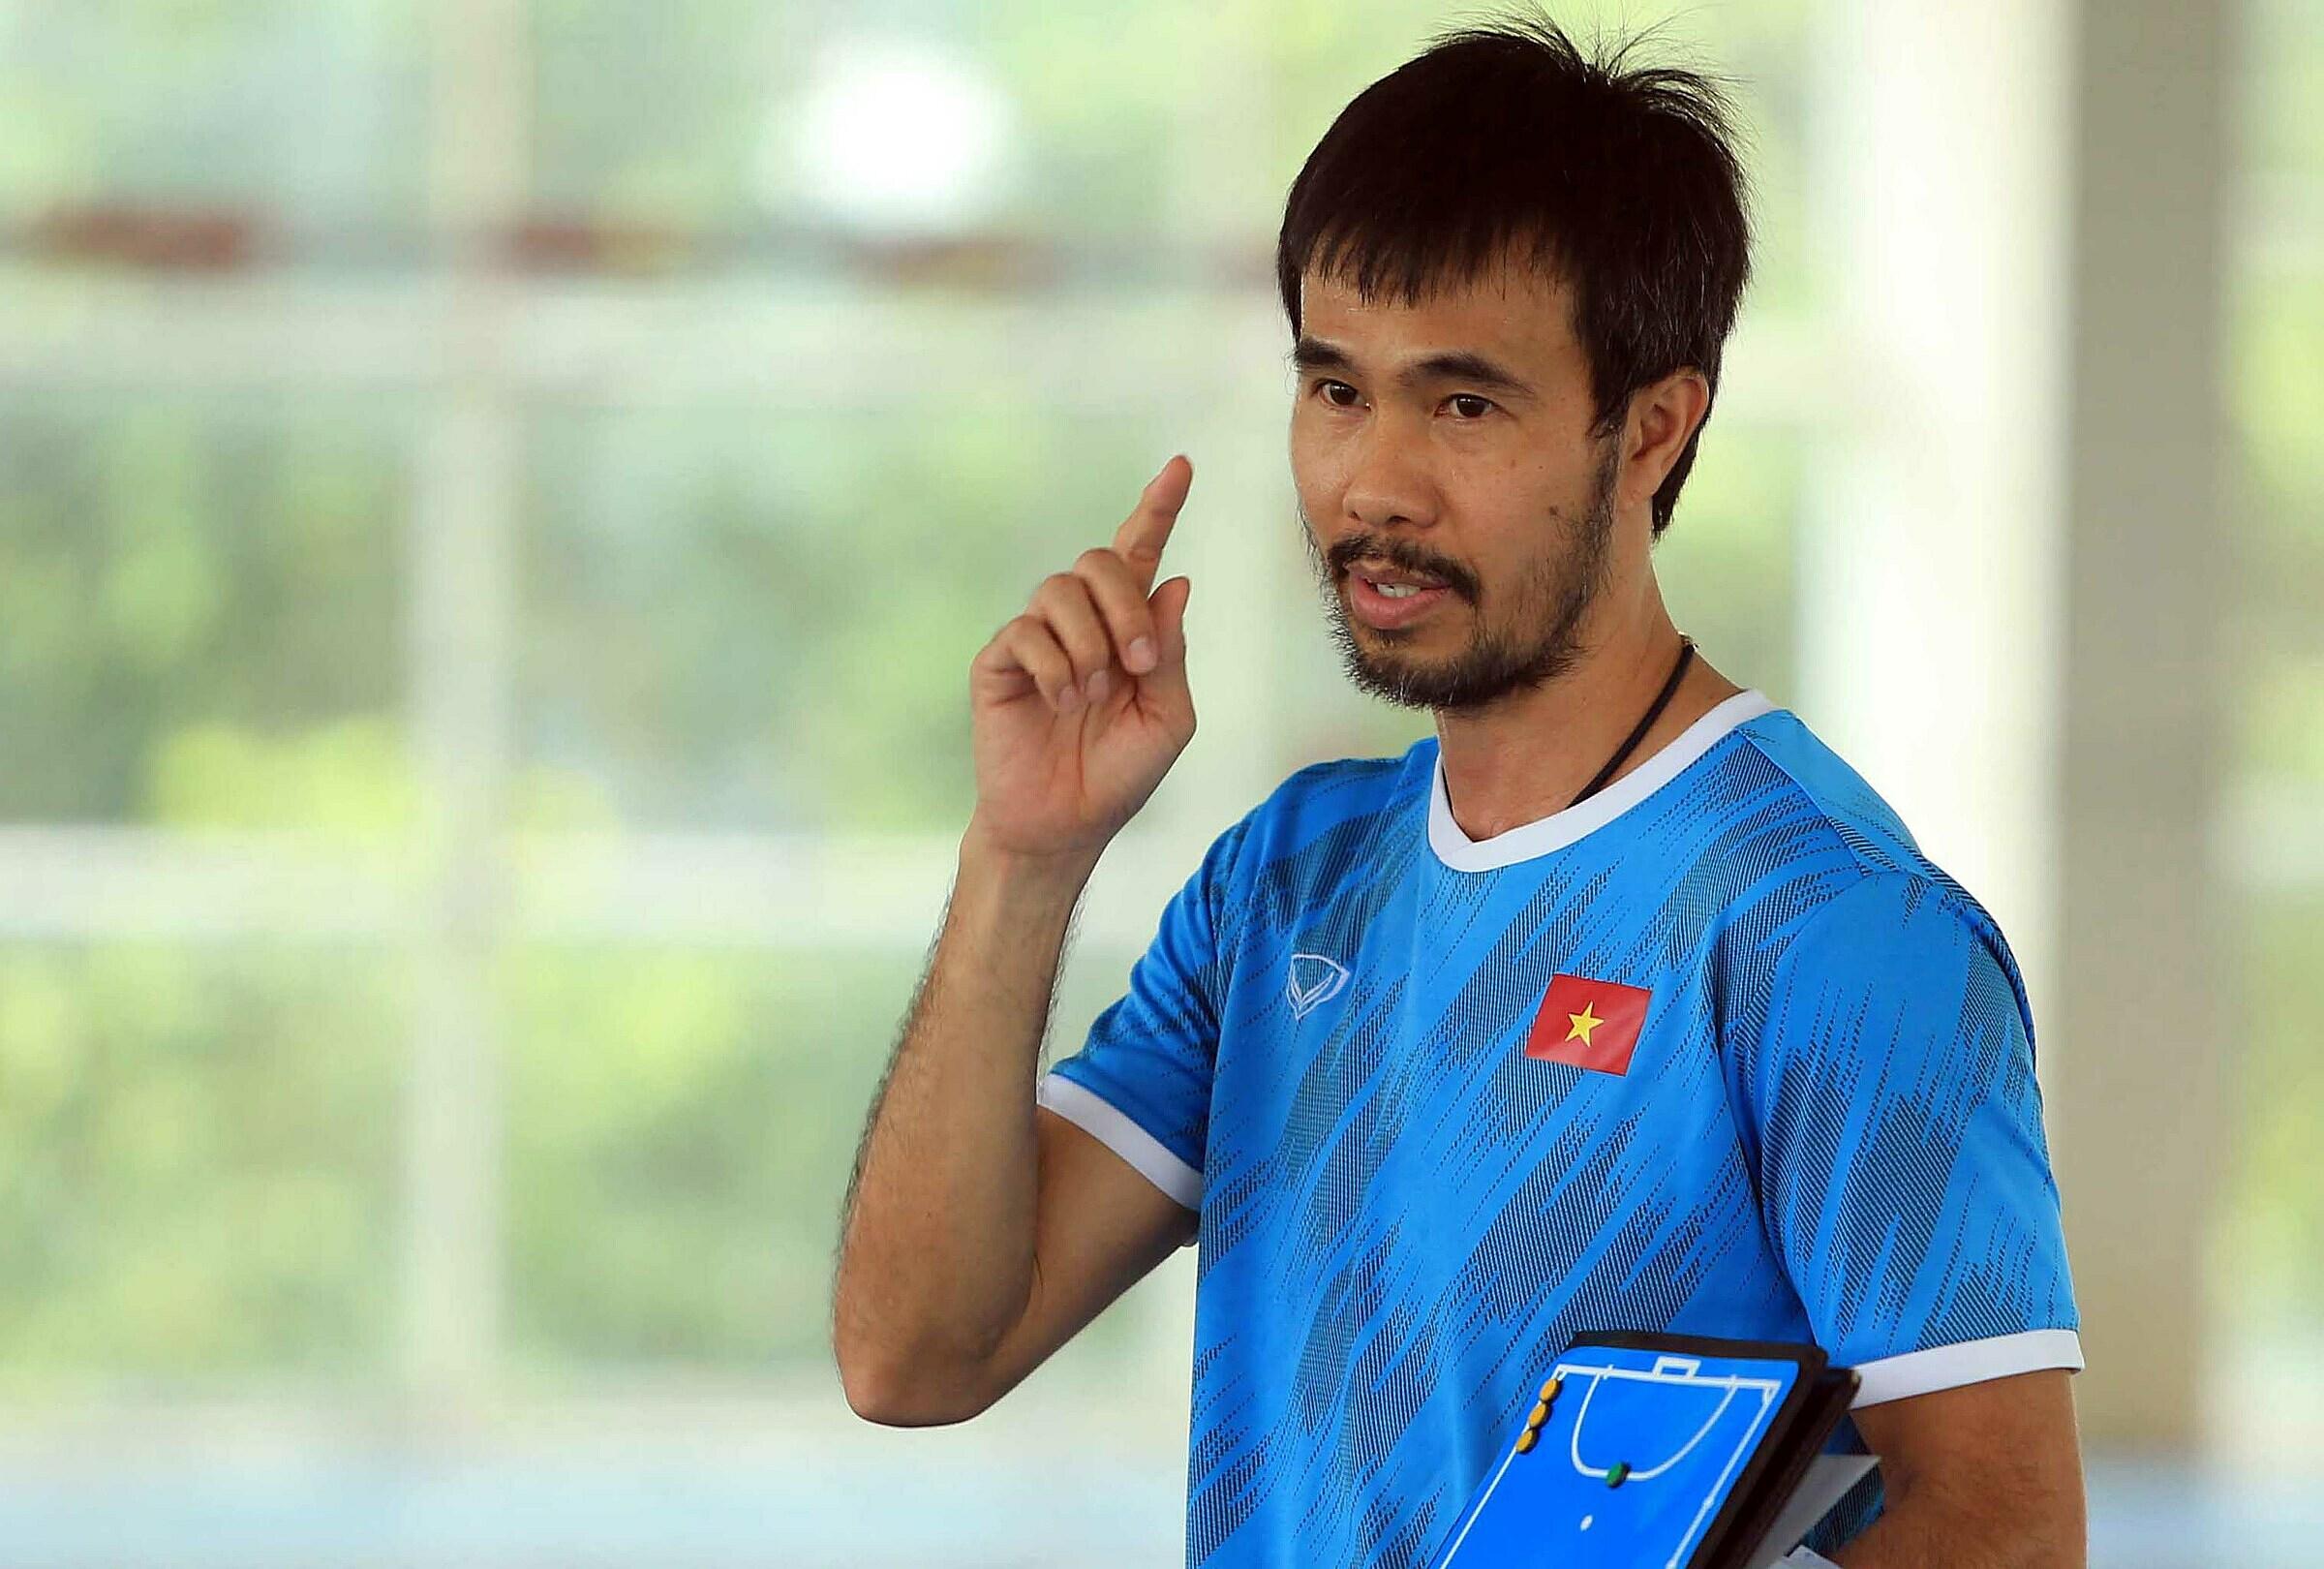 HLV Phạm Minh Giang đã nghiên cứu rất kỹ các đối thủ ở VCK FIFA Futsal World Cup 2021 để mong giúp Việt Nam vượt qua vòng bảng. Ảnh: Đoàn Huynh